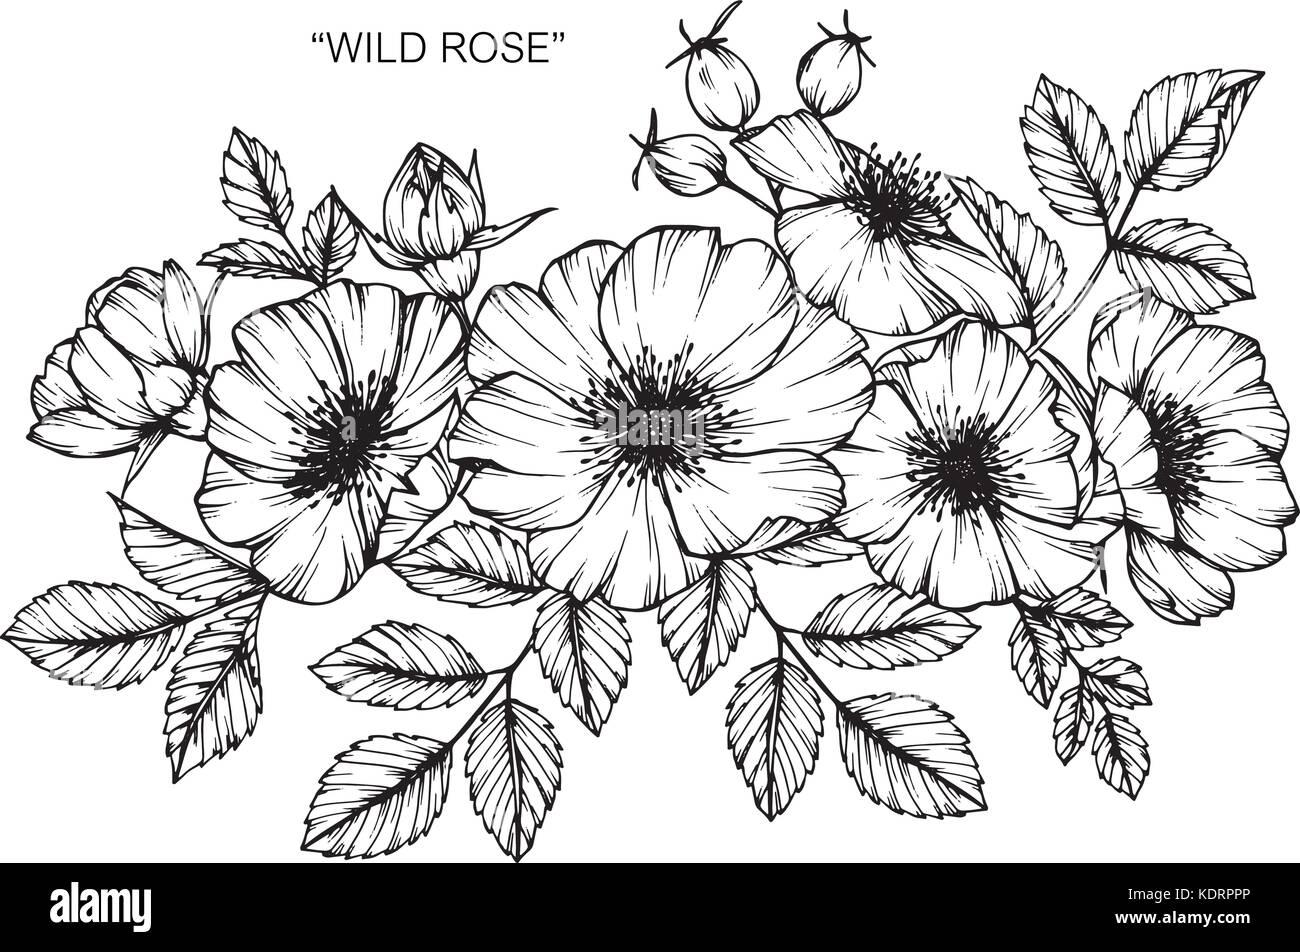 Las Rosas Silvestres Ilustracion Dibujo De Flores Blanco Y Negro